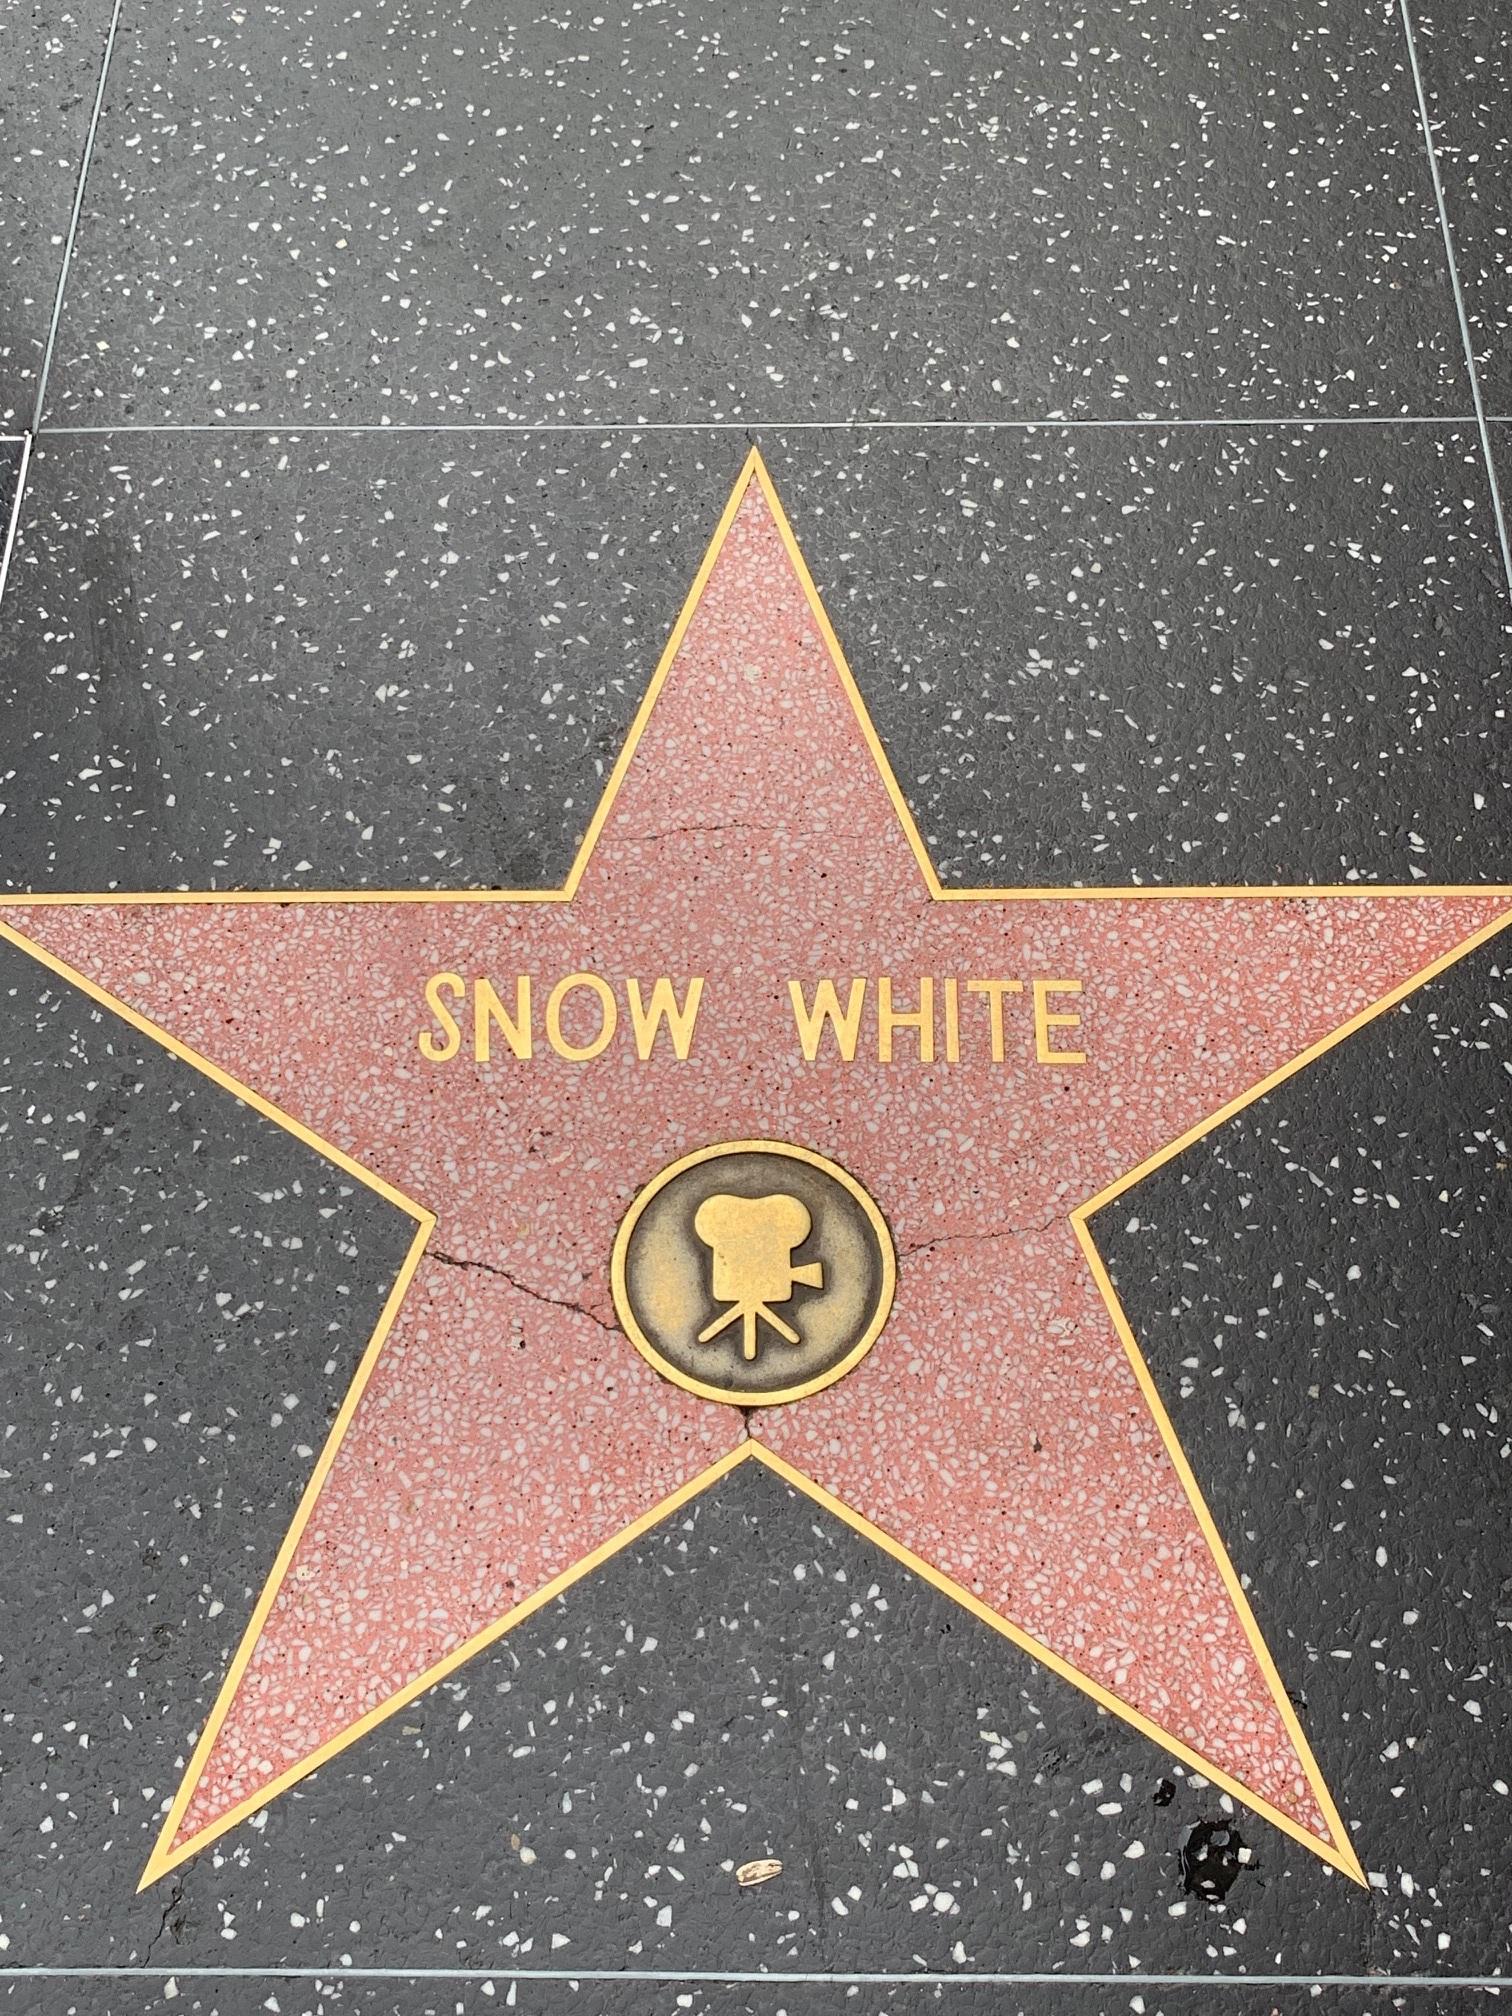 Snow White star